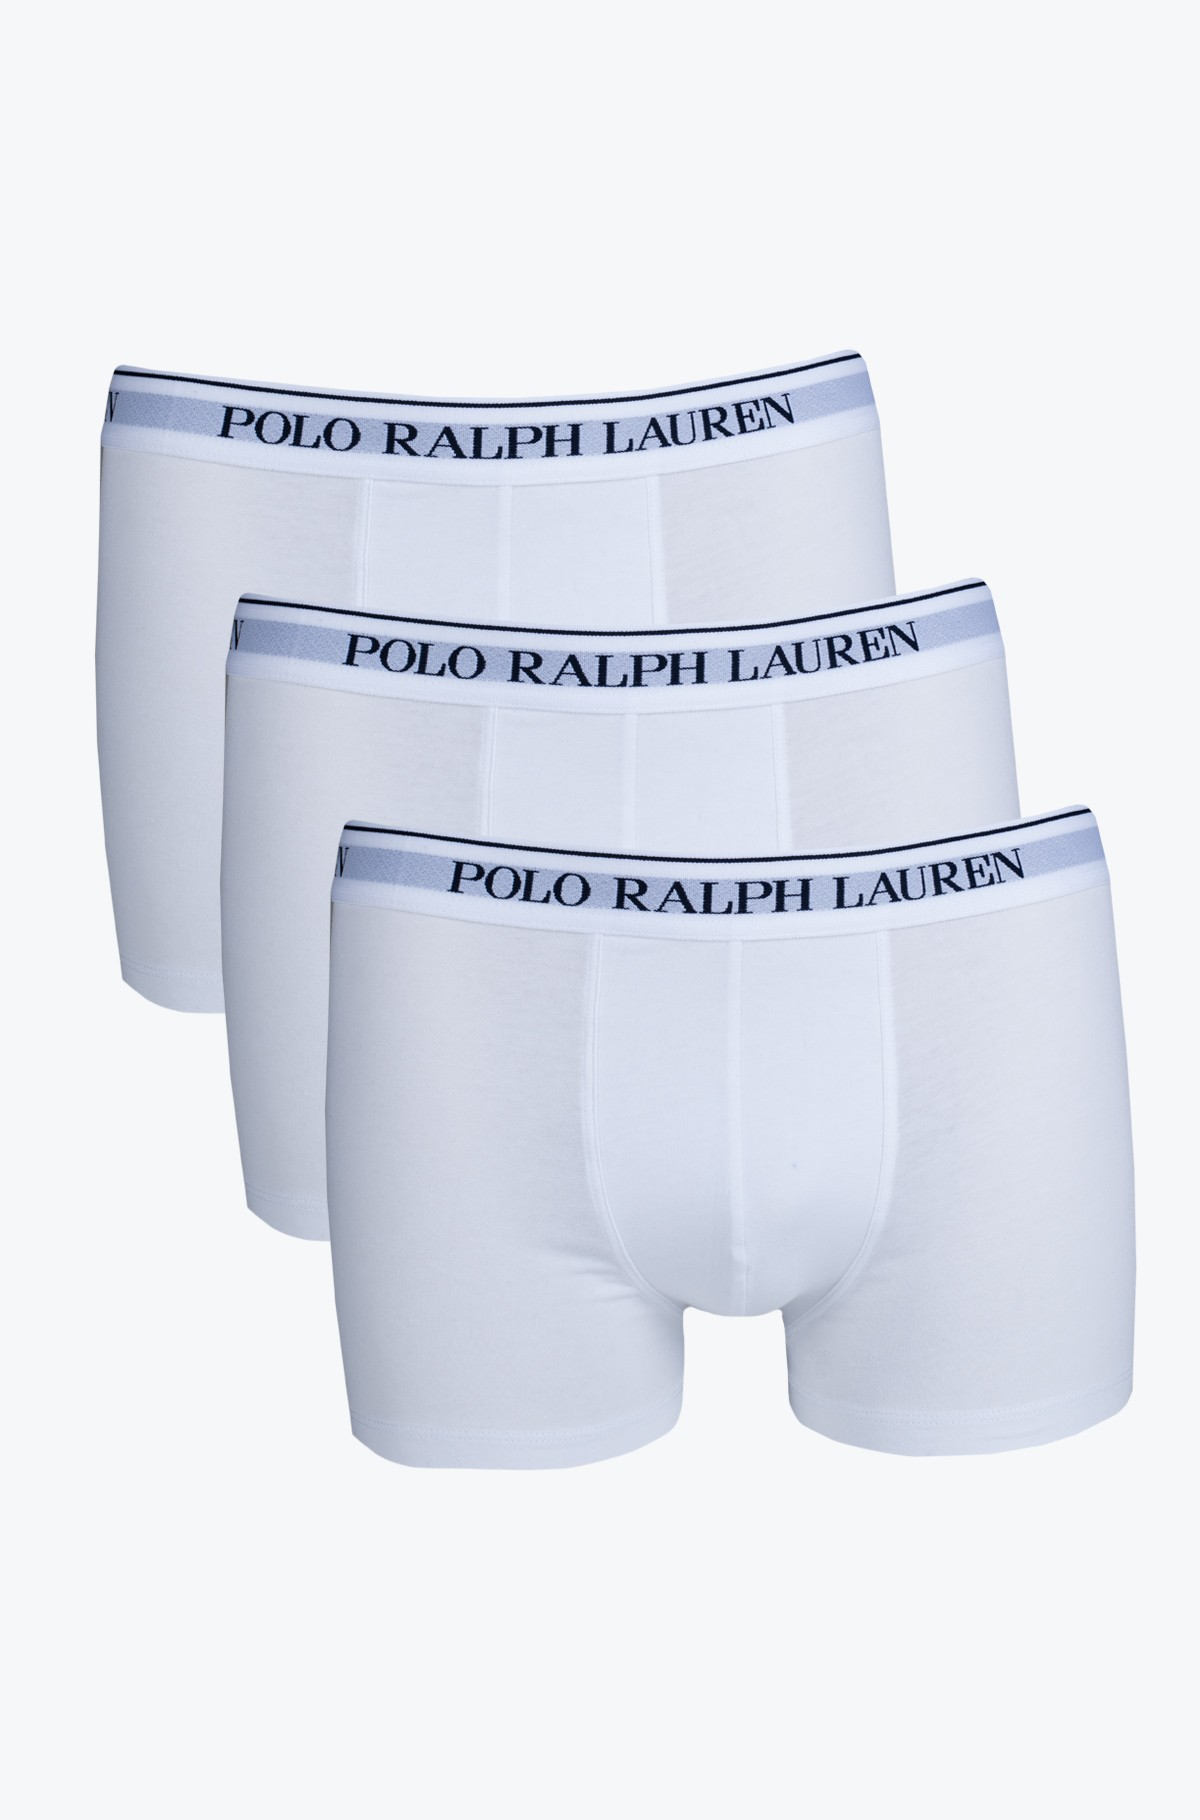 Three pairs of boxers 714513424001-full-1